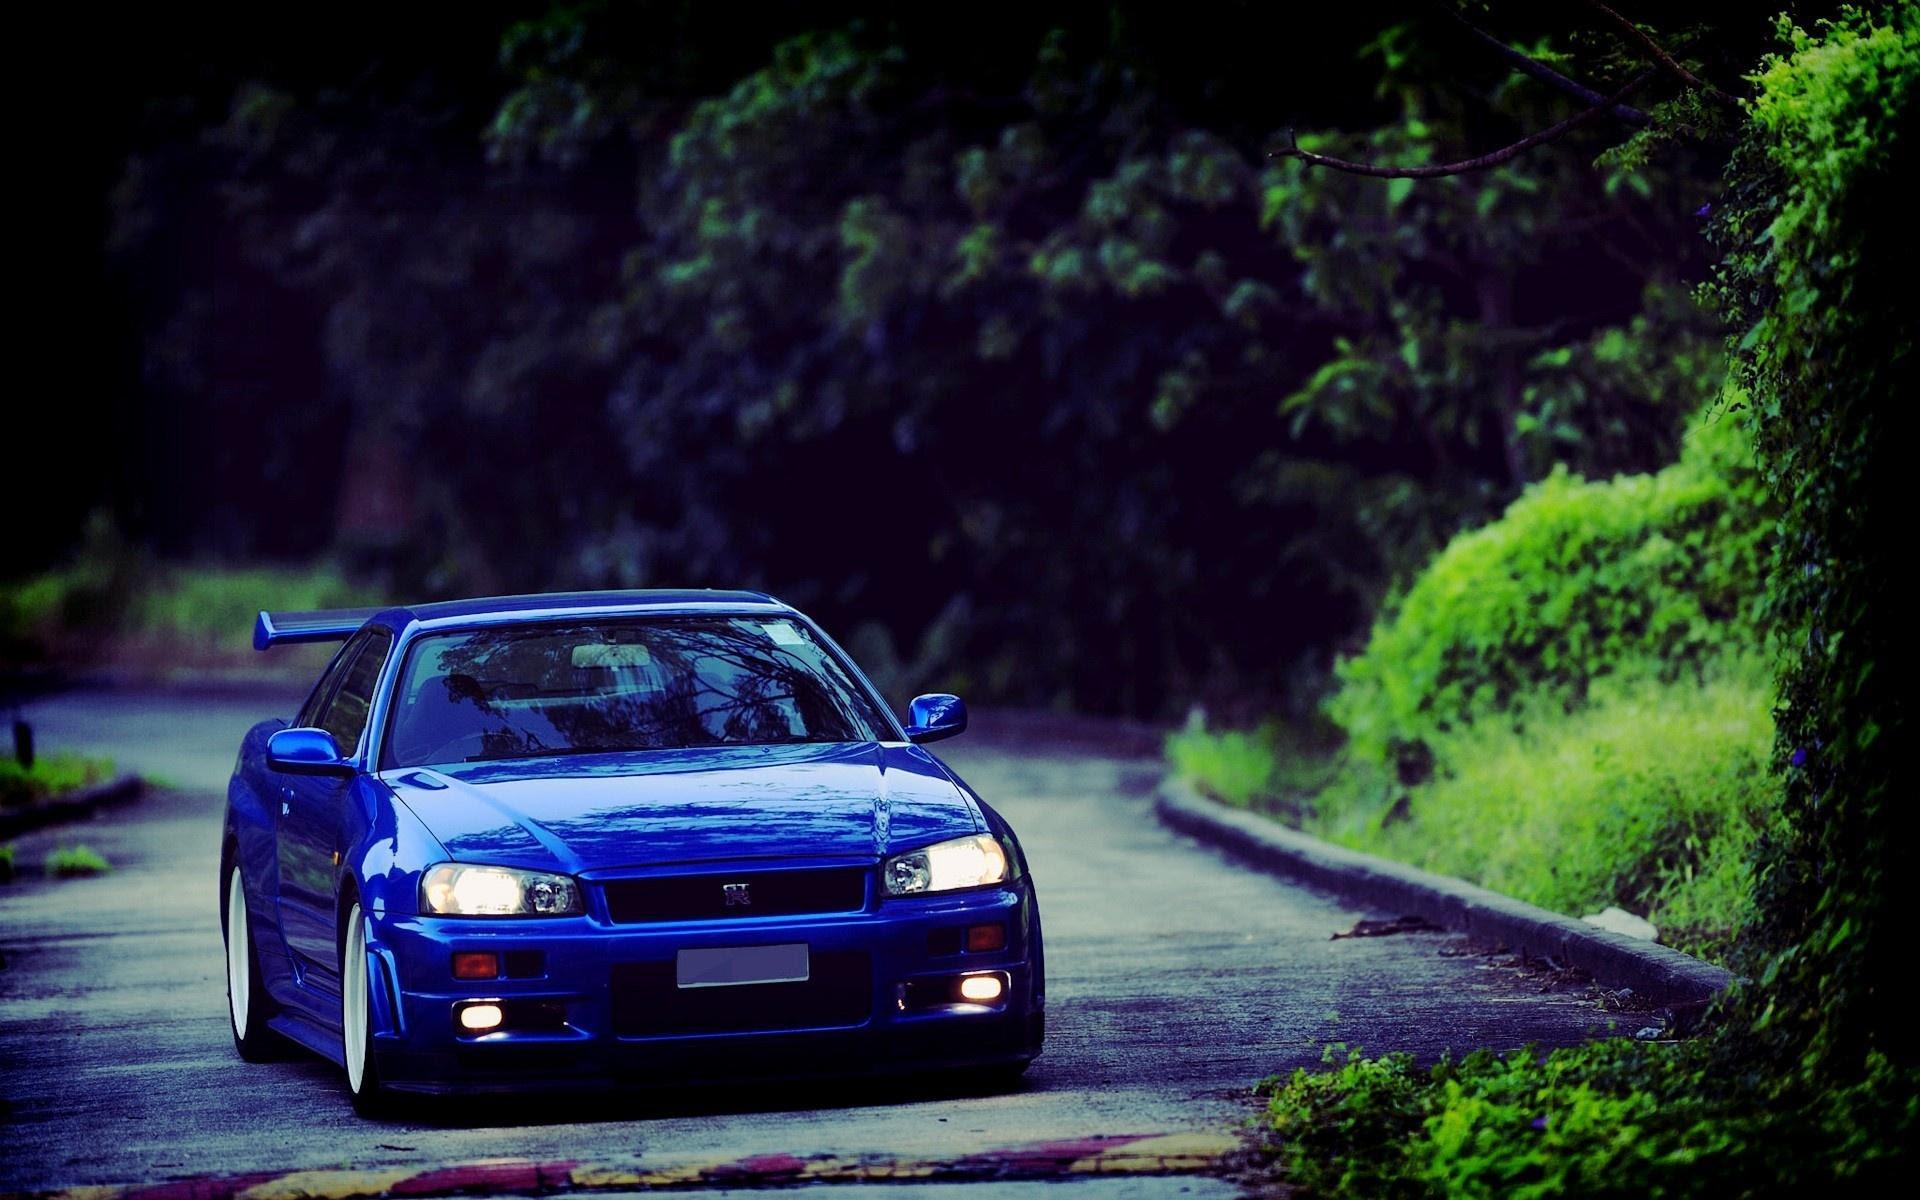 Nissan Skyline R34 Velozes E Furiosos Fotografia 38440501 Fanpop